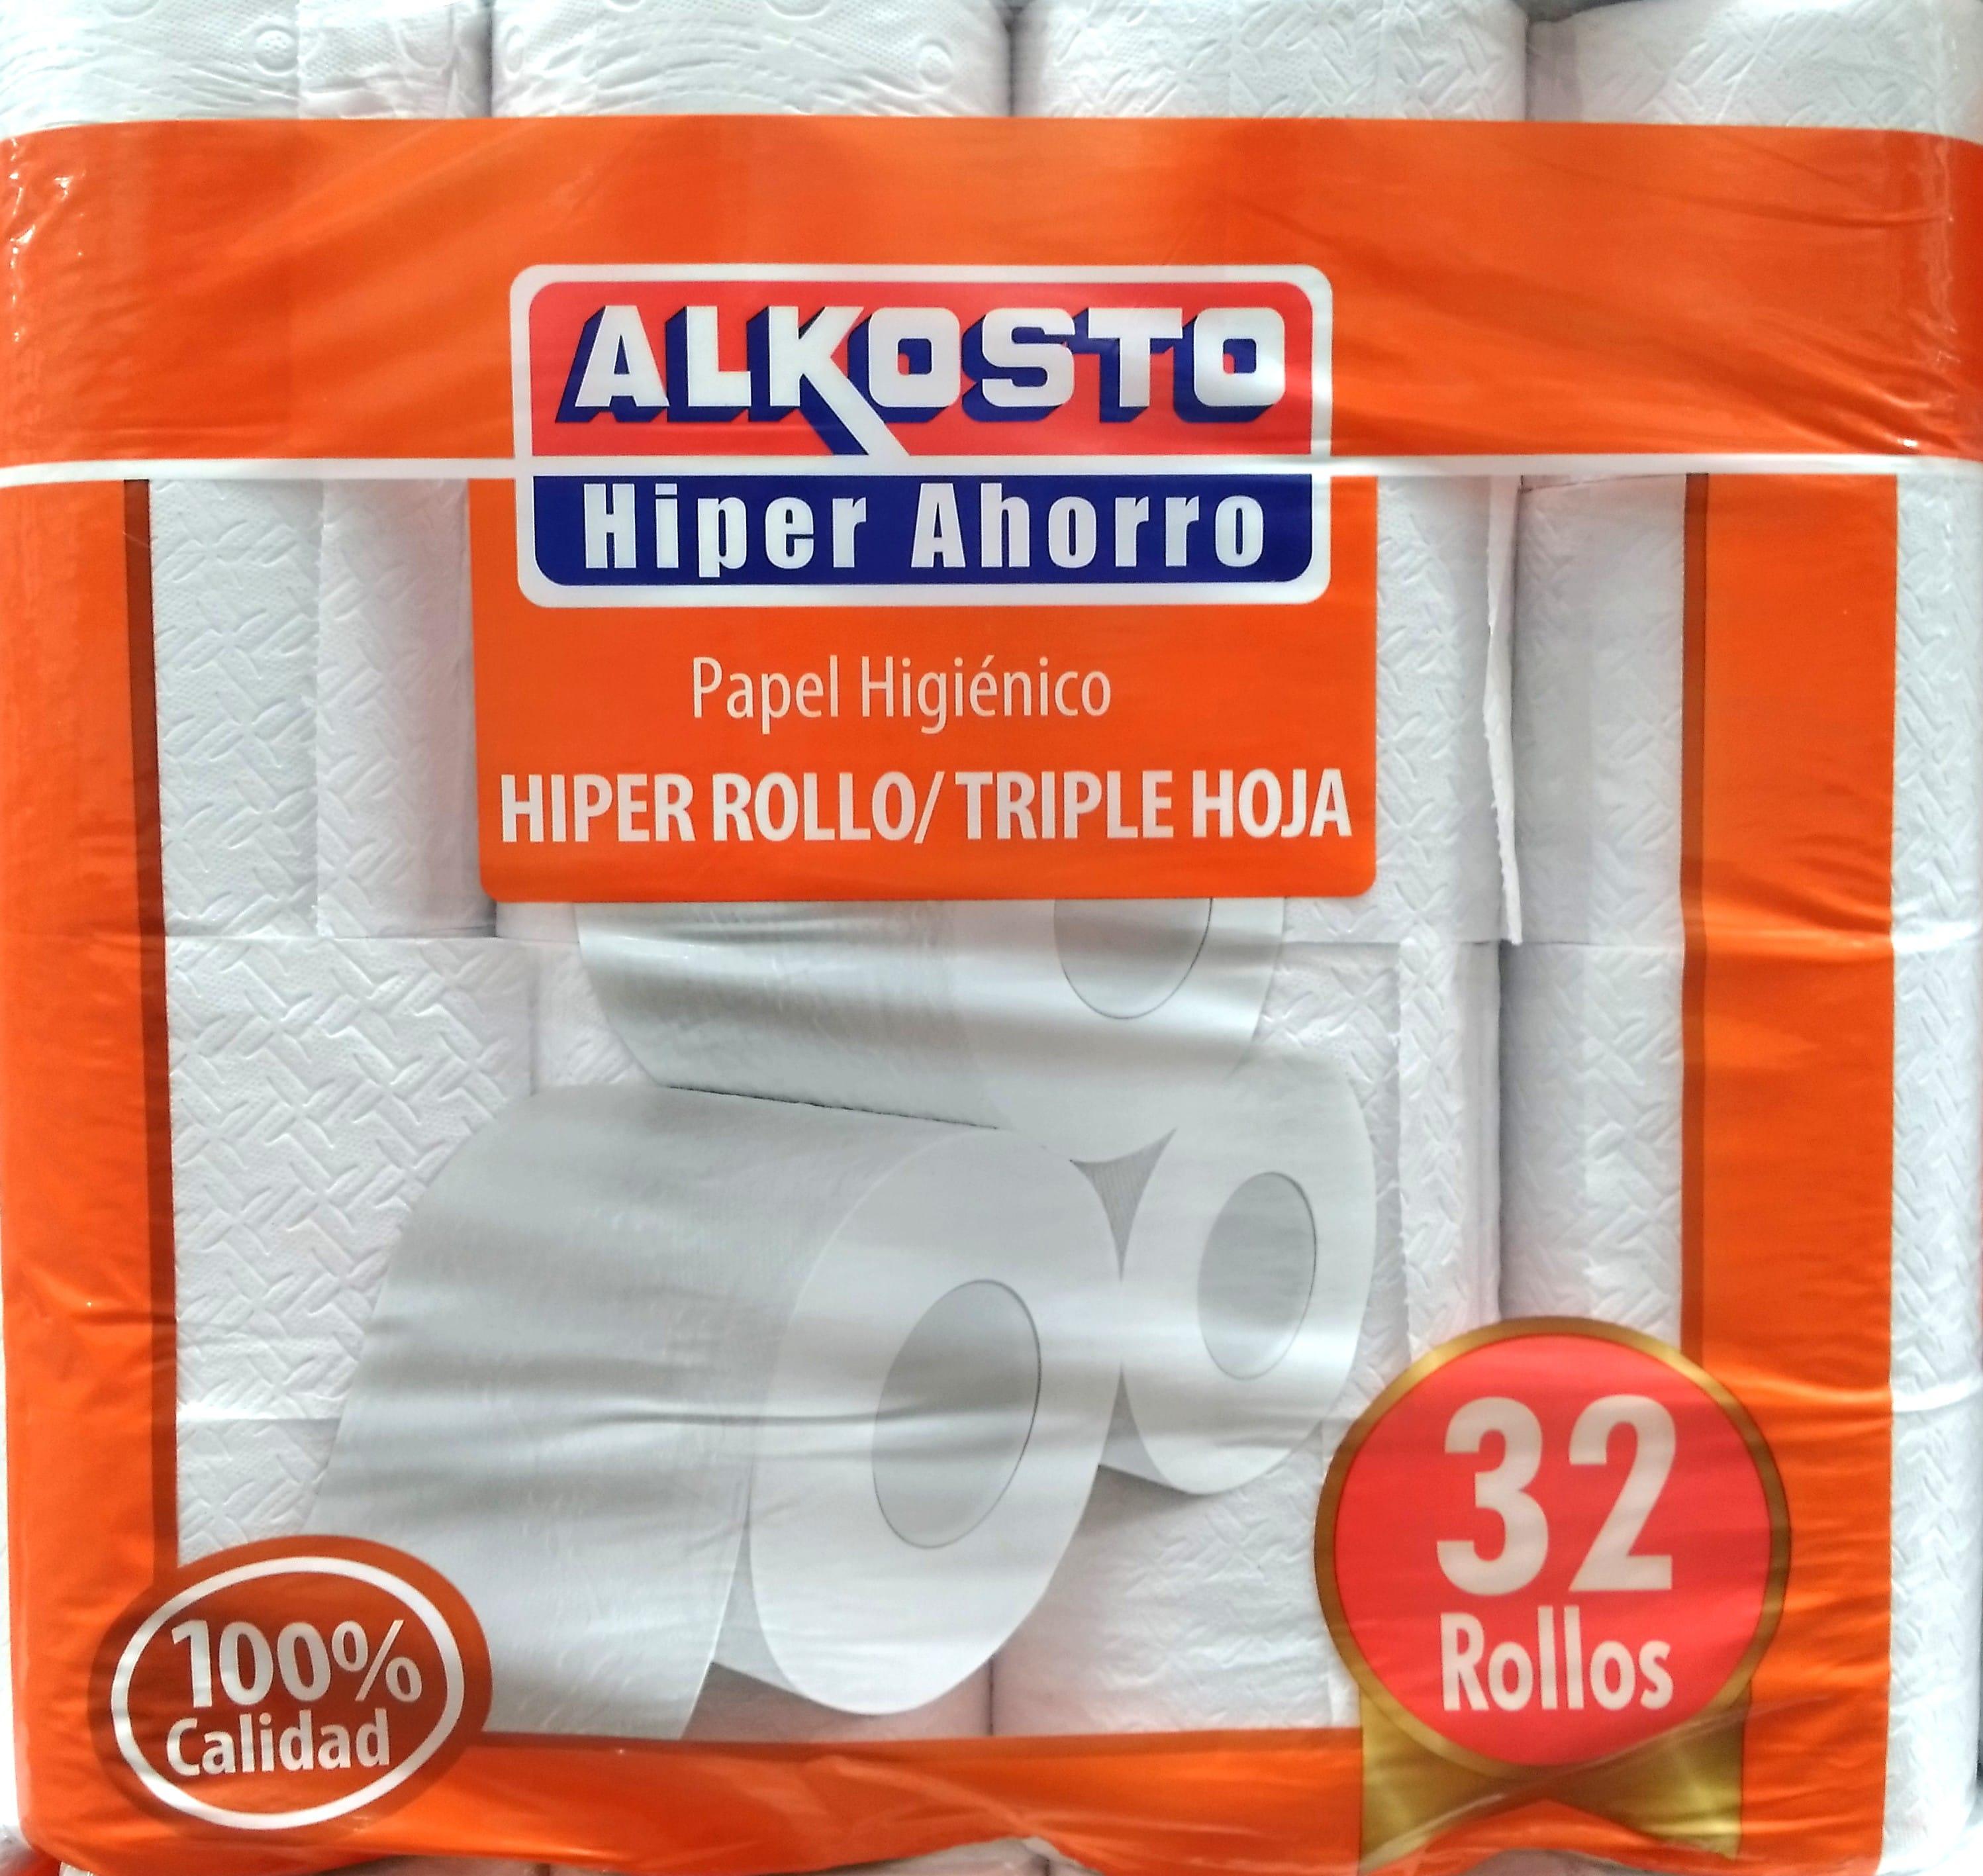 Papel Higienico Alkosto Triple Hoja x 32 Rollos